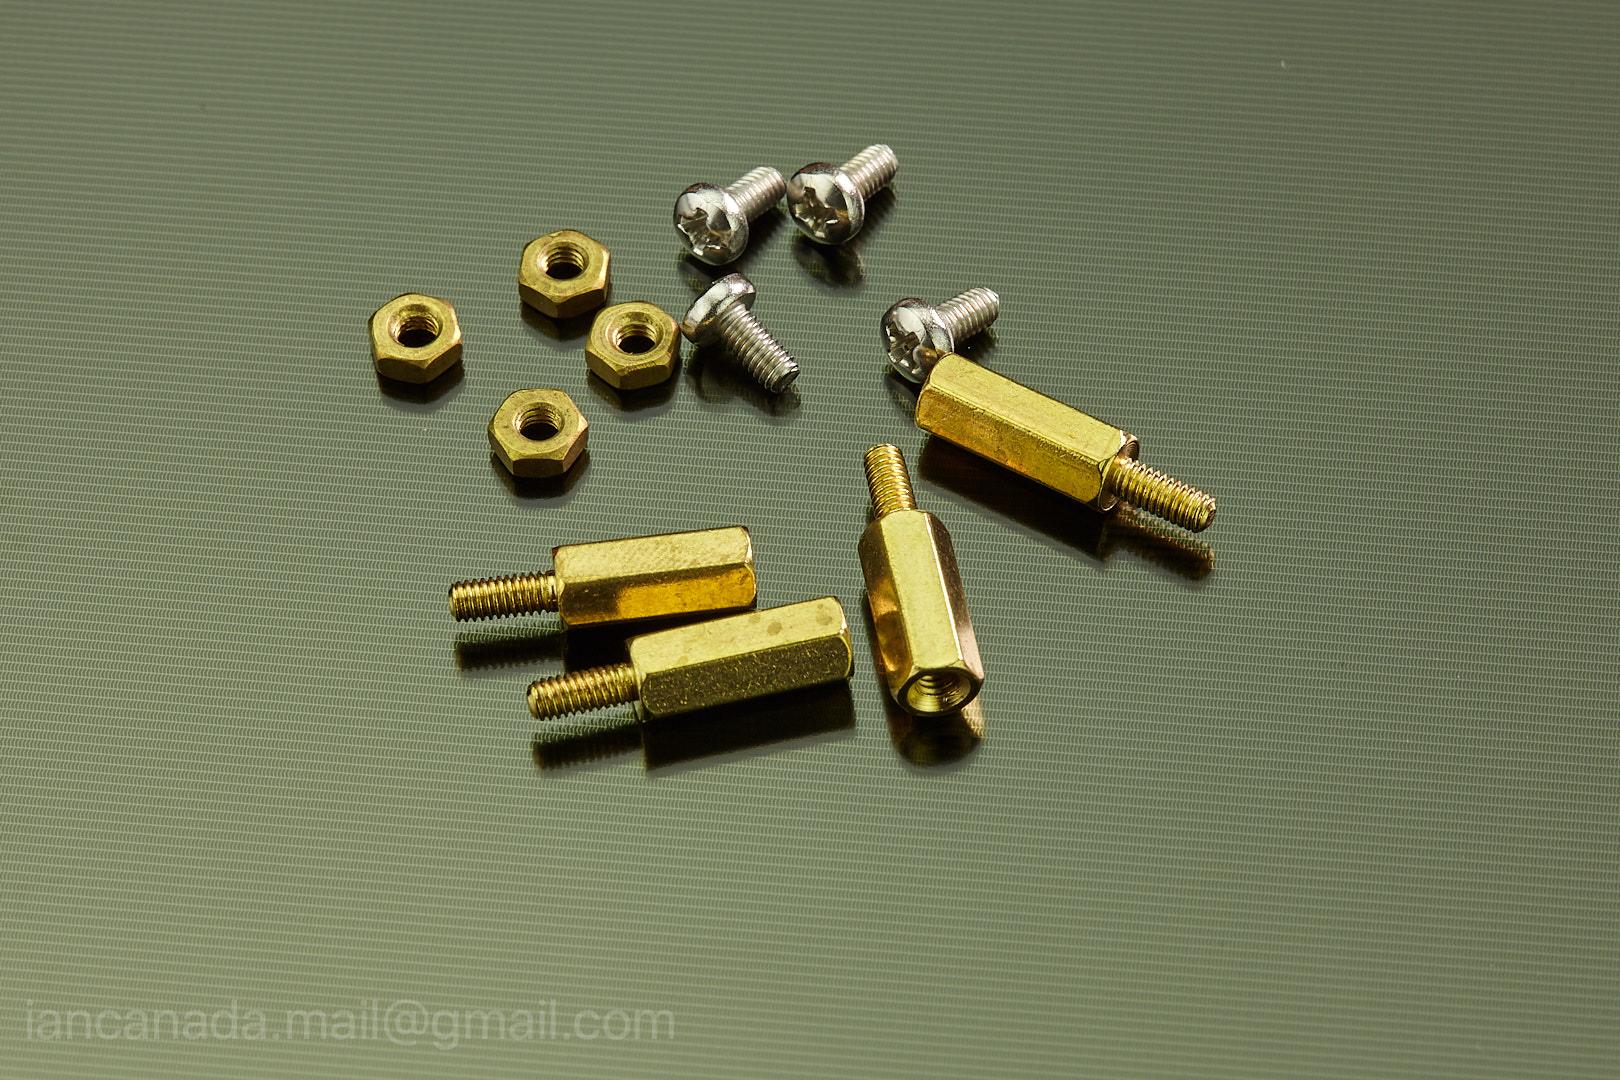 2.5mm standoffs